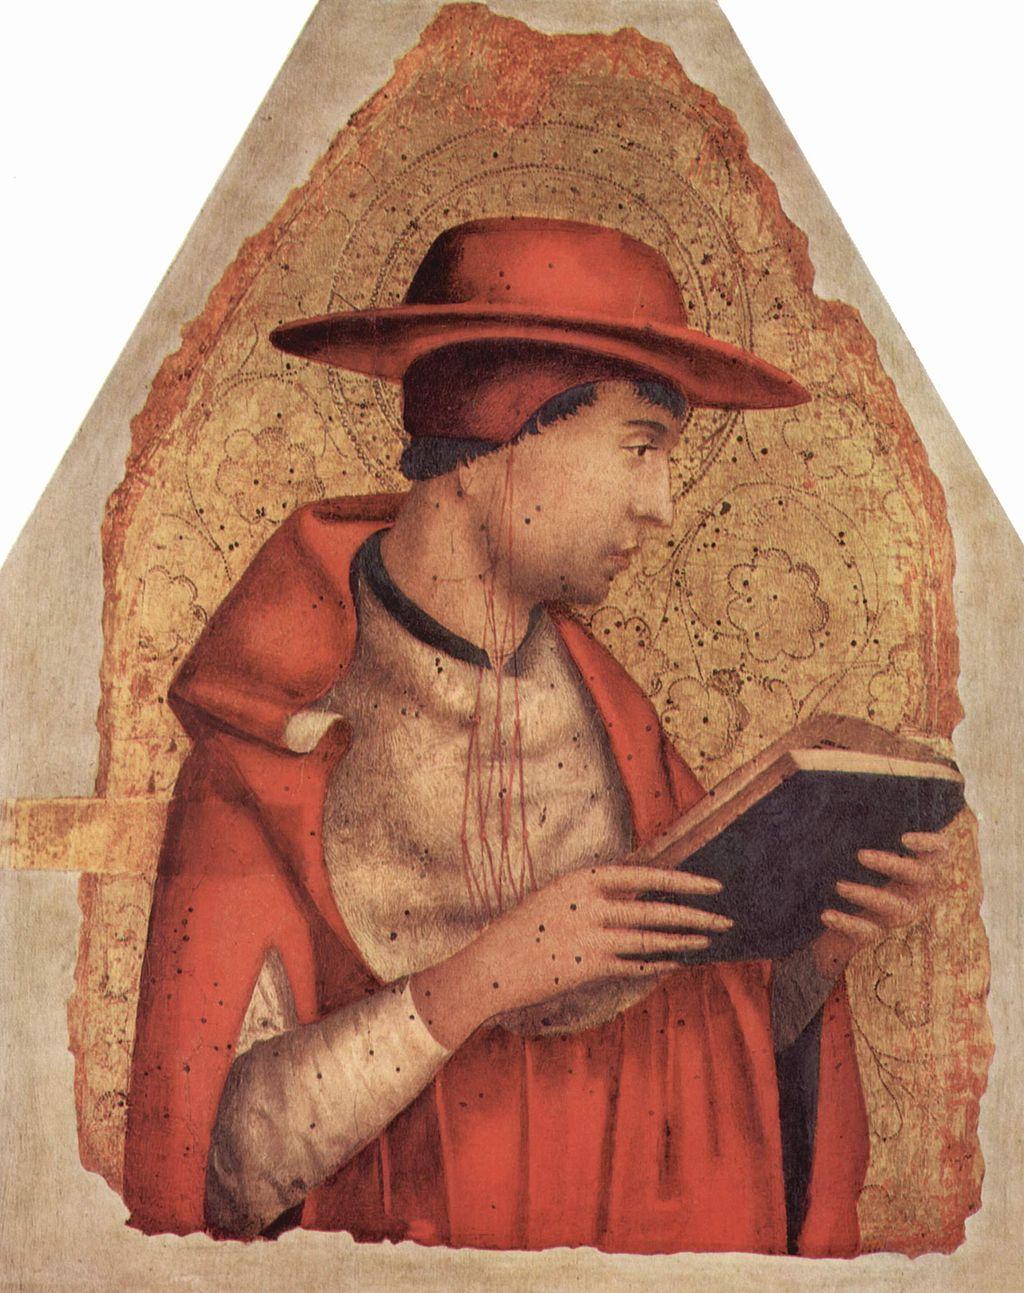 Antonello da Messina (1430–1479) |  St. Jerome, data circa 1472-1473, tempera on panel, 46.5 × 36 cm (18.3 × 14.2 in), Galleria Regionale della Sicilia, Palermo